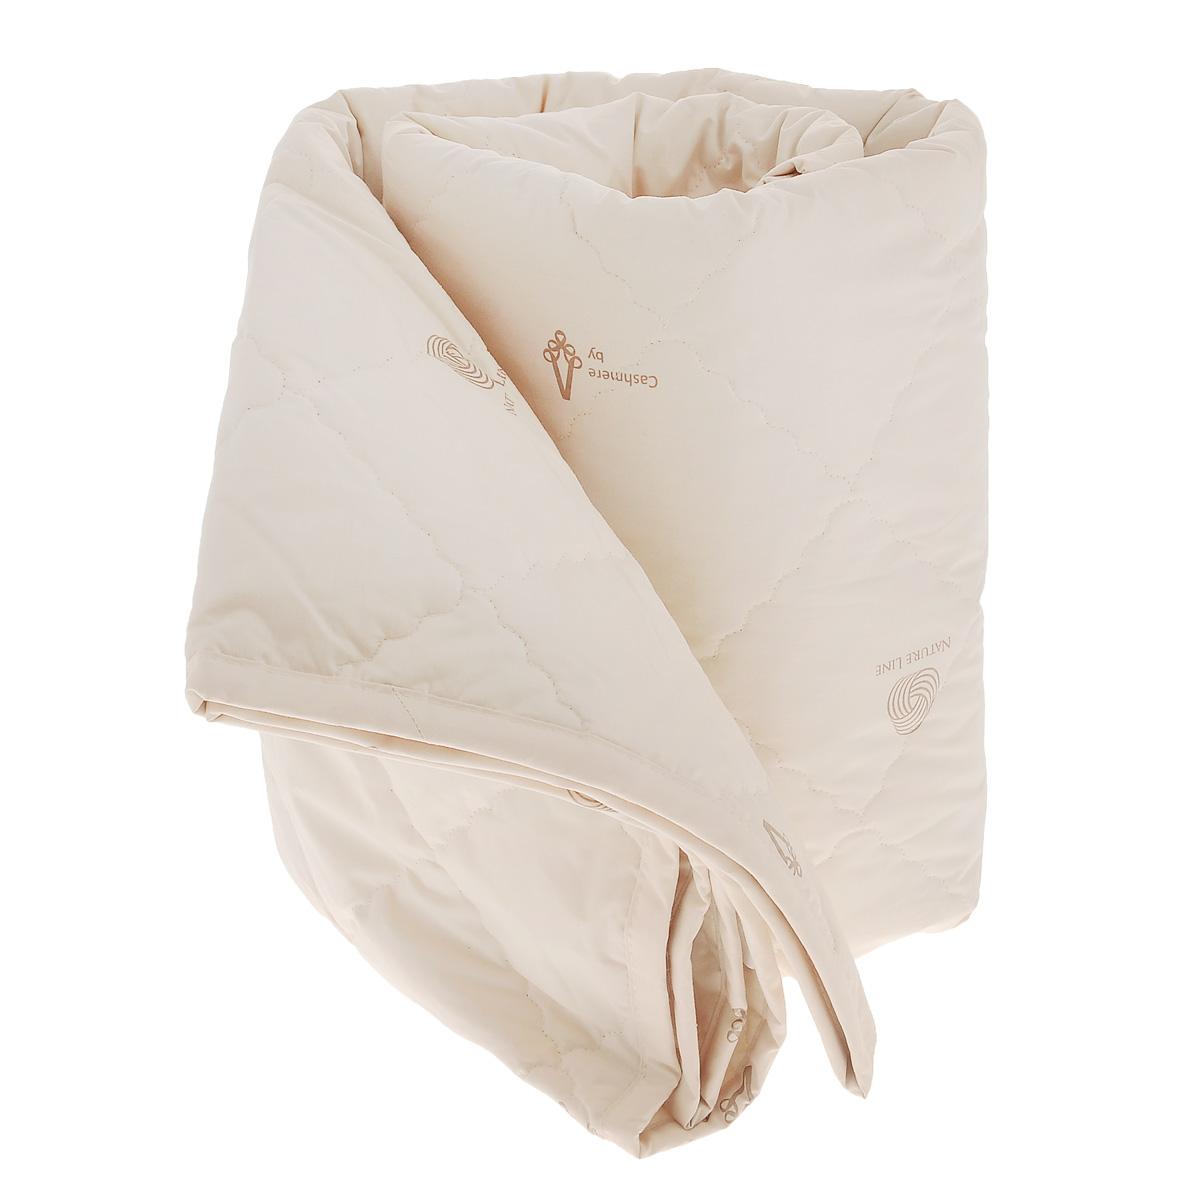 Одеяло La Prima Кашемир, наполнитель: кашемир, полиэфирное волокно, цвет: светло-бежевый, 170 см х 205 см1084/0224887/15Одеяло La Prima Кашемир очень легкое, воздушное и одновременно теплое. Чехол одеяла выполнен из 100% хлопка. Наполнитель - из натуральной шерсти кашемирской козы. Одеяла с наполнителем из кашемира очень высоко ценят во всем мире. Изделие обладает высокой воздухопроницаемостью, прекрасно сохраняет тепло и снимает статистическое электричество. Оно гипоаллергенно, очень практично и неприхотливо в уходе. Благоприятно воздействует на мышцы и суставы, создавая эффект микромассажа, обеспечивает здоровый и глубокий сон. Ручная стирка при температуре 30°С. Материал чехла: 100% хлопок.Наполнитель: кашемир, полиэфирное волокно. Размер: 170 см х 205 см.